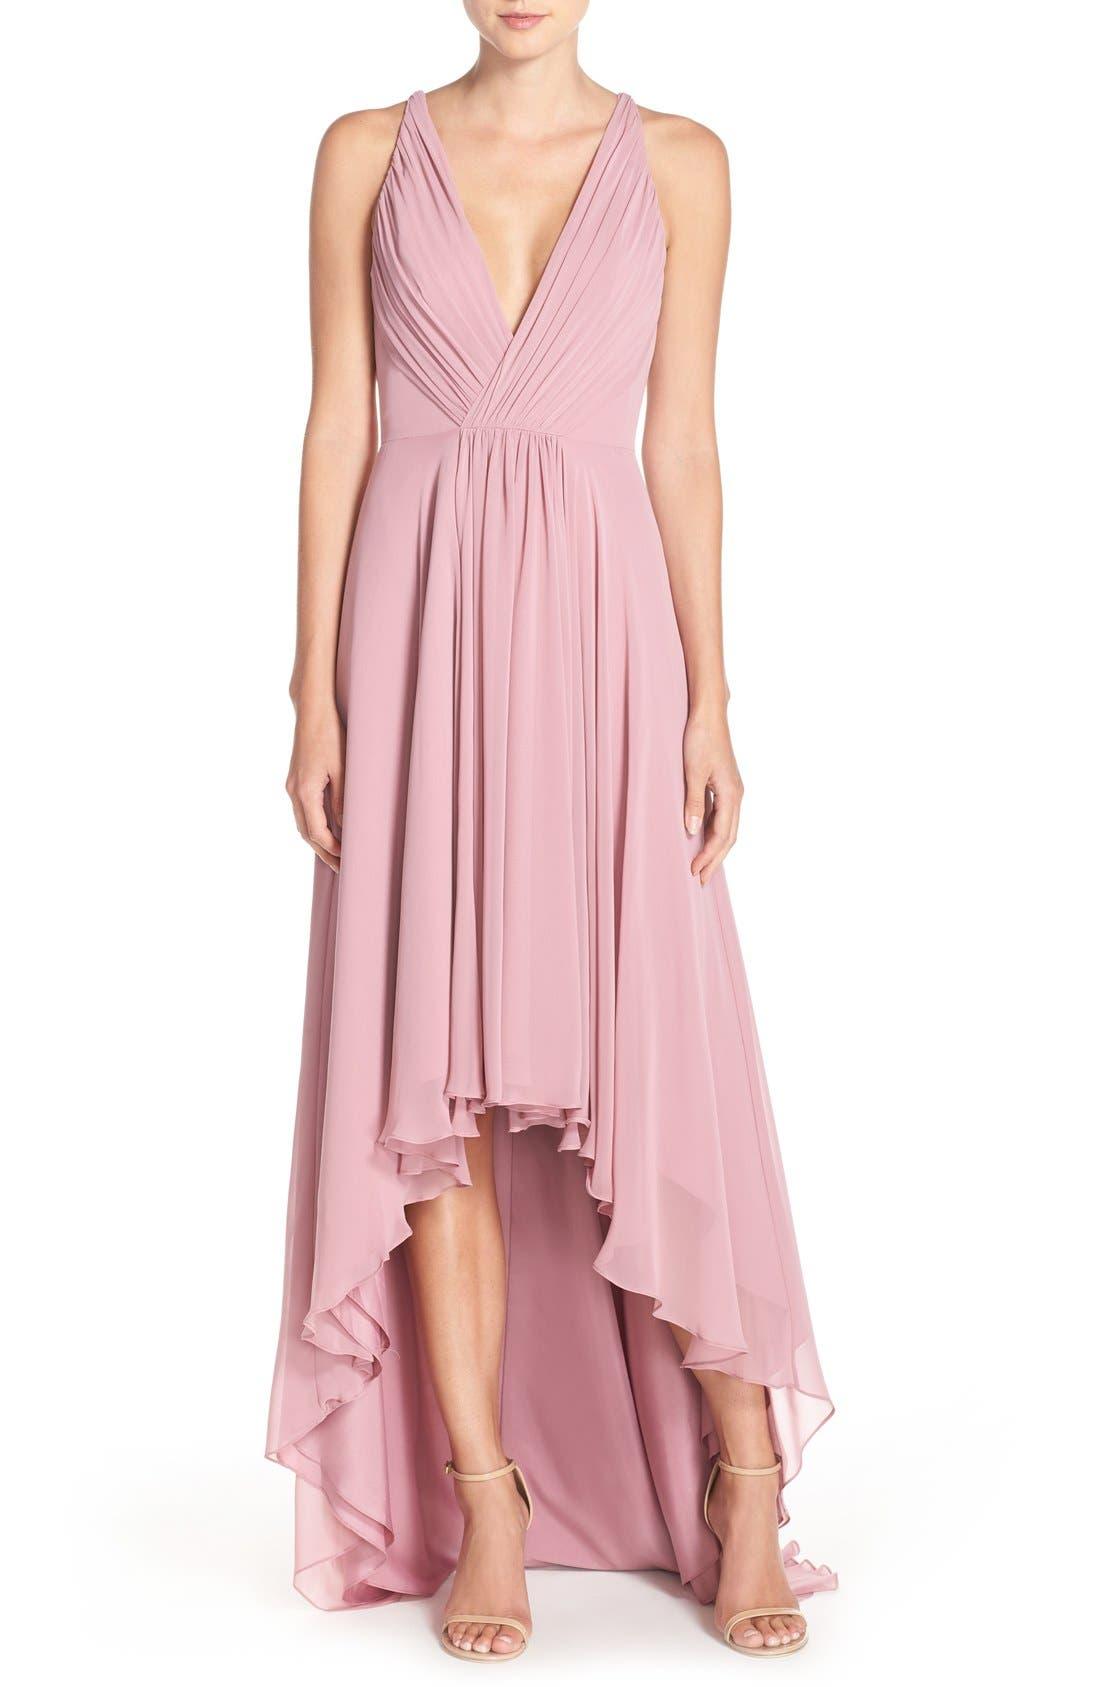 Main Image - Monique Lhuillier Bridesmaids Deep V-Neck Chiffon High/Low Gown